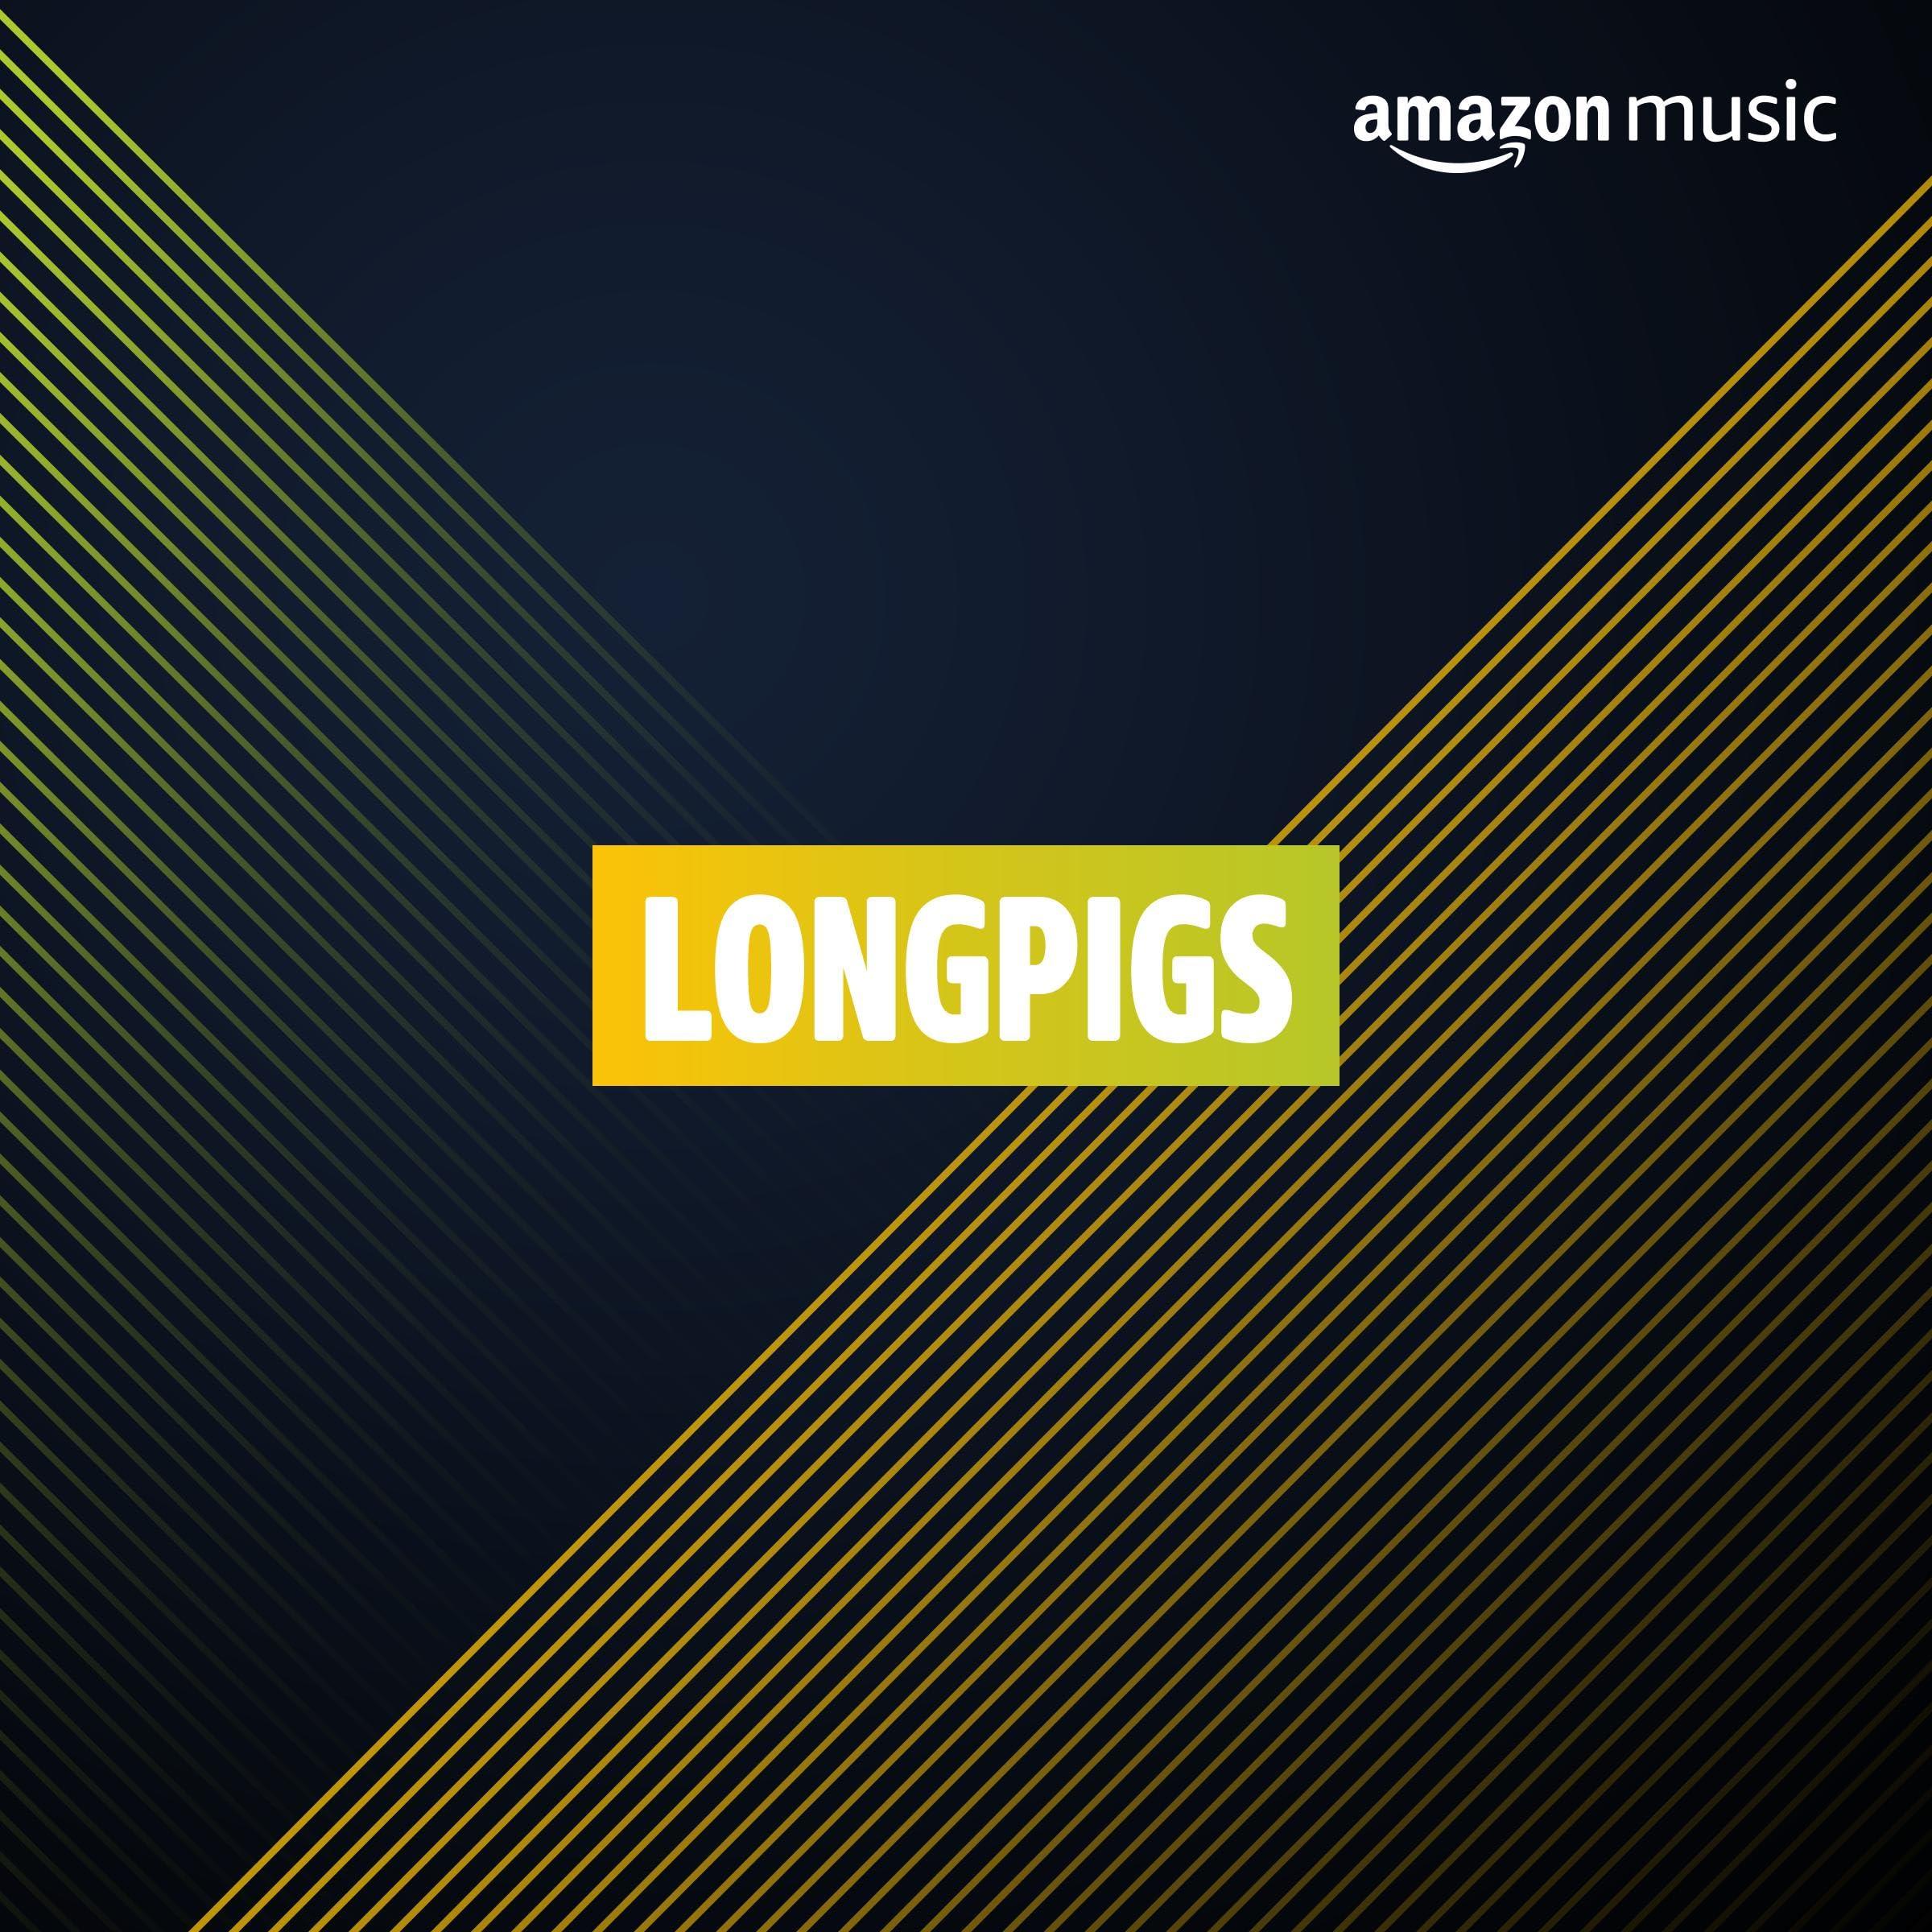 Longpigs